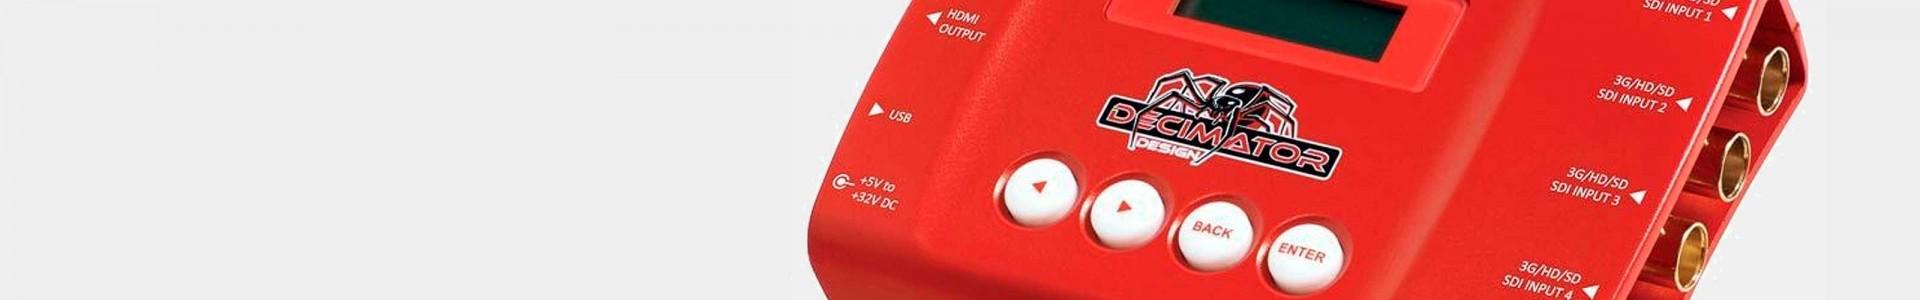 Decimator en Avacab - Distribuidores oficiales Decimator